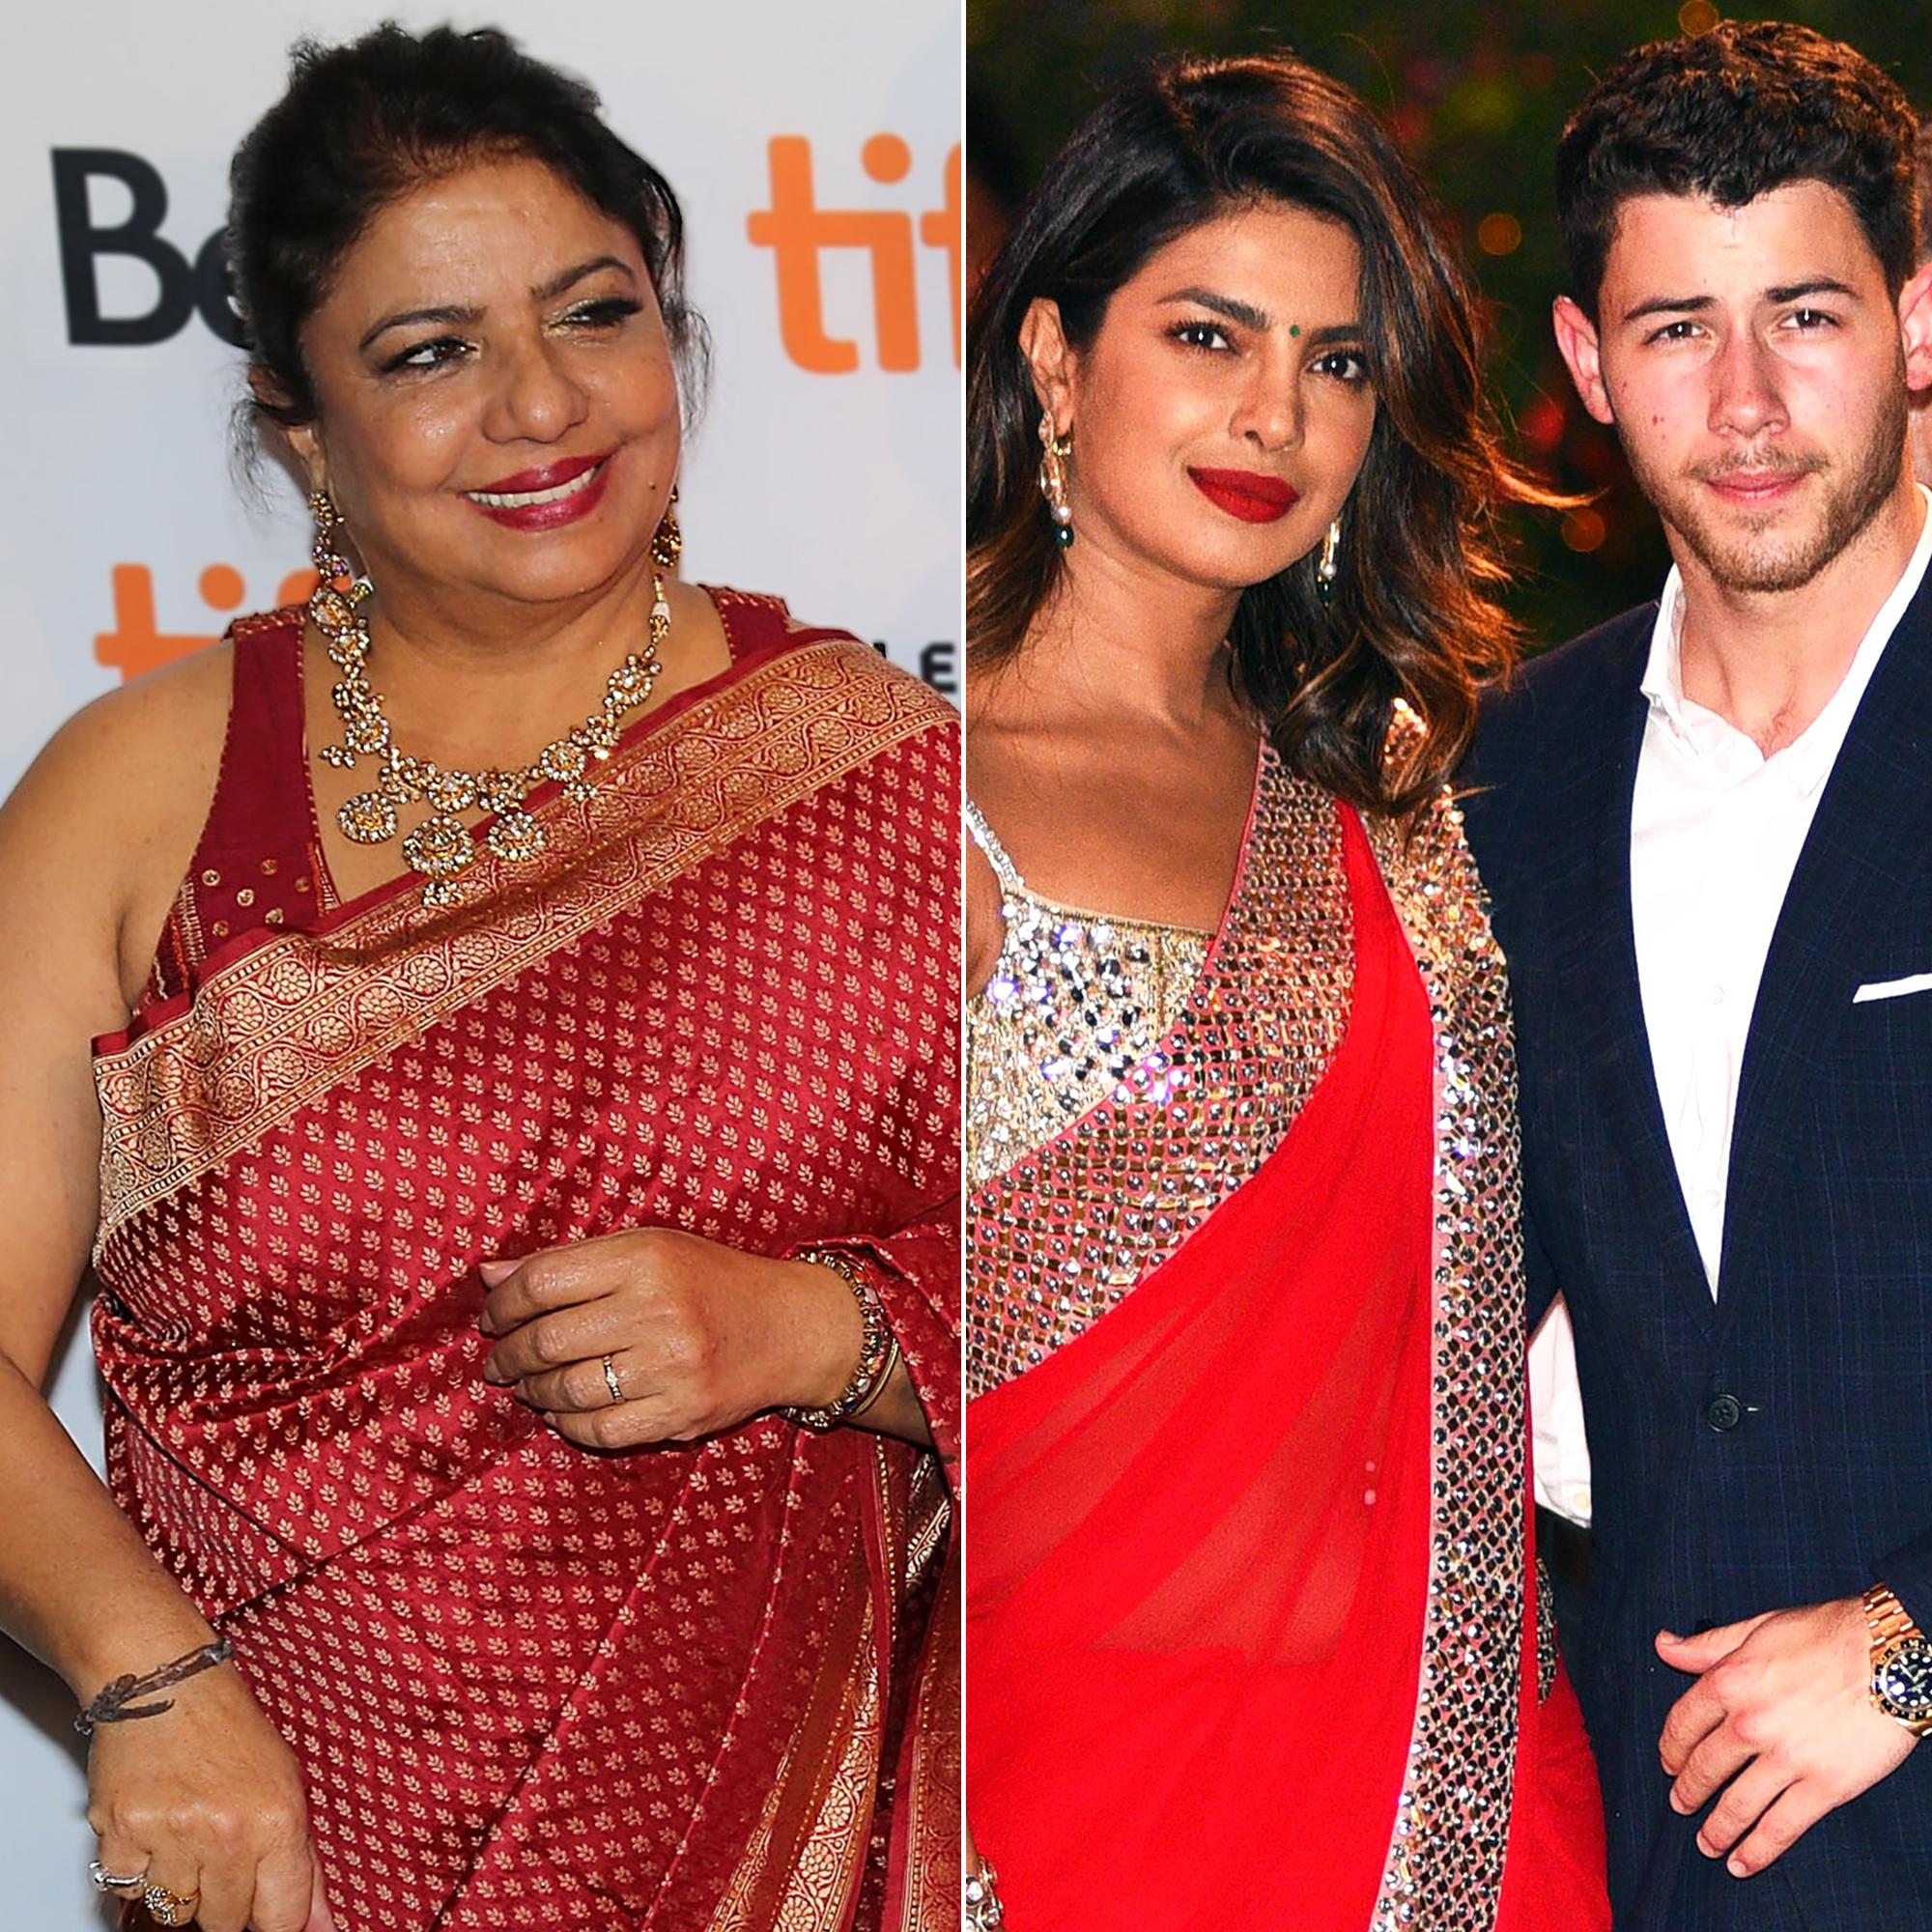 priyanka chopra's mom gushes over nick jonas engagement